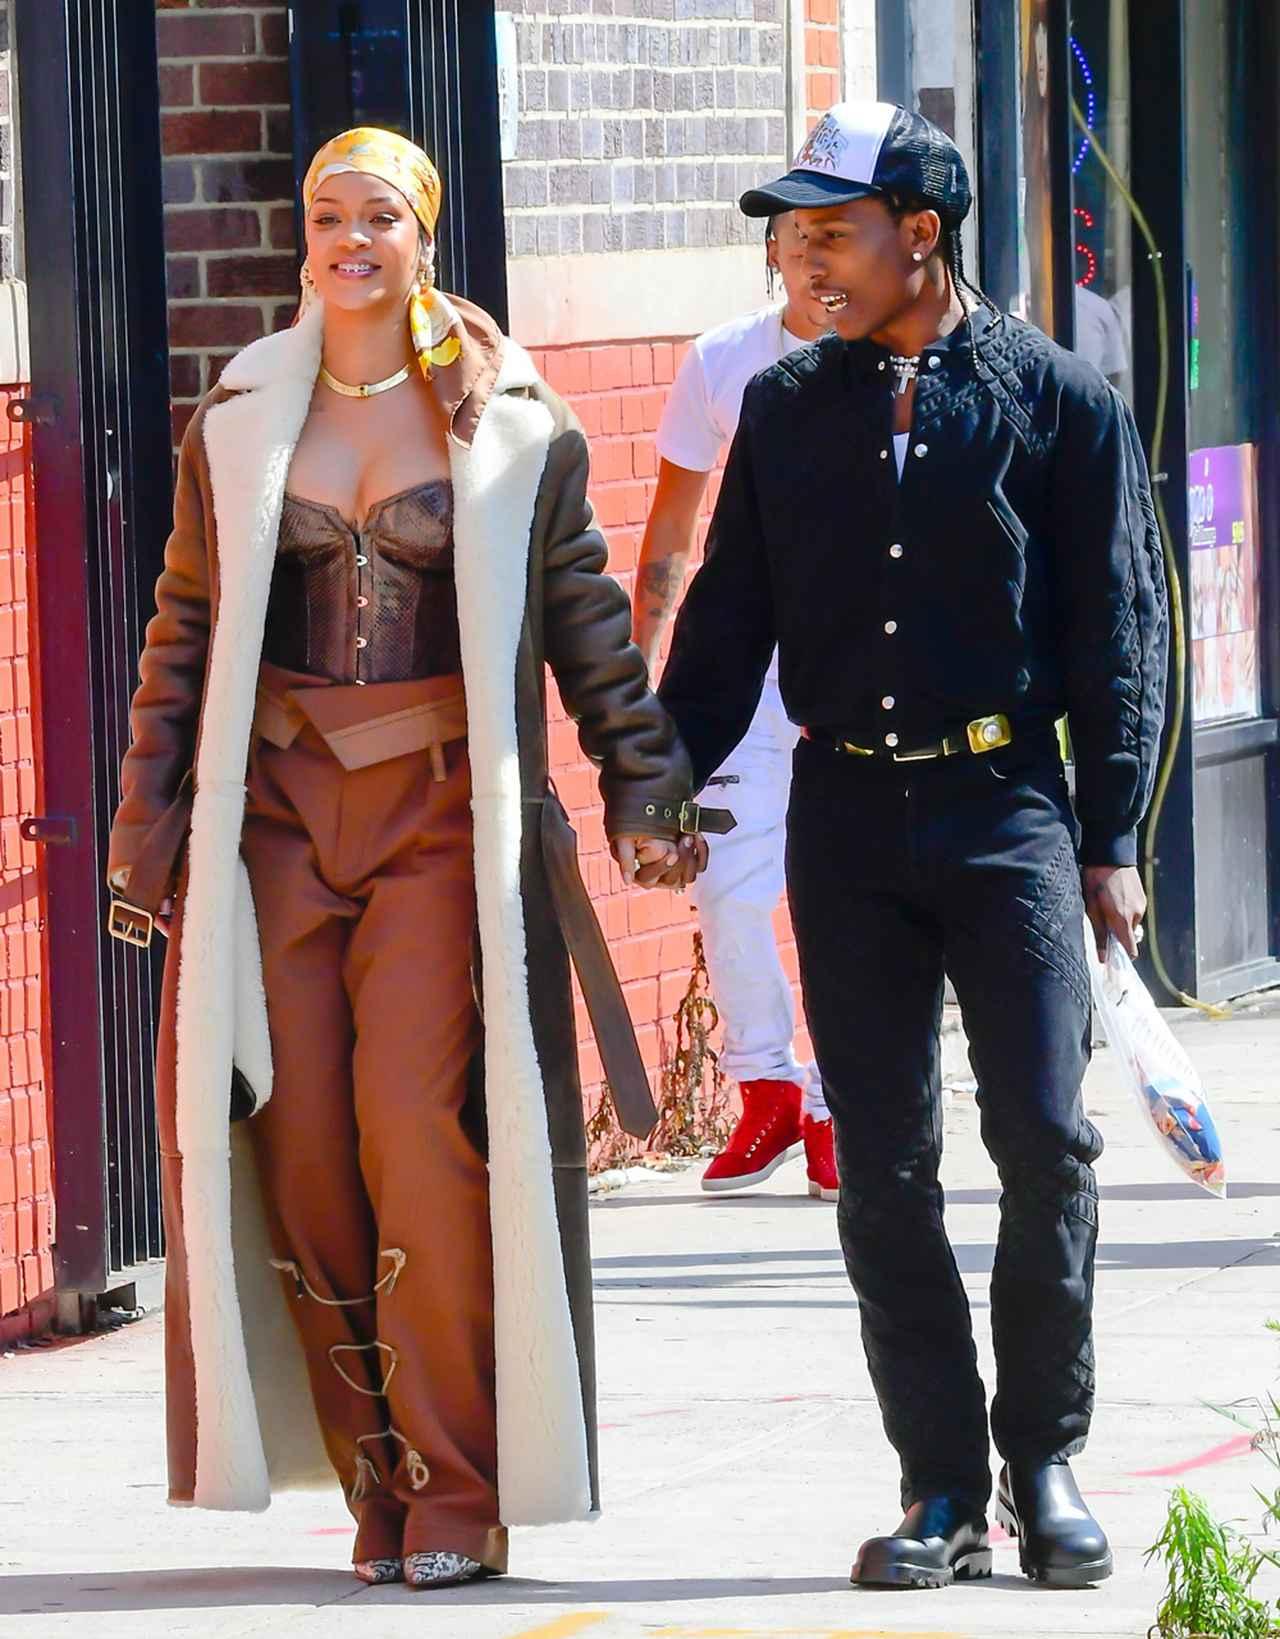 画像4: リアーナとエイサップがニューヨークで撮影